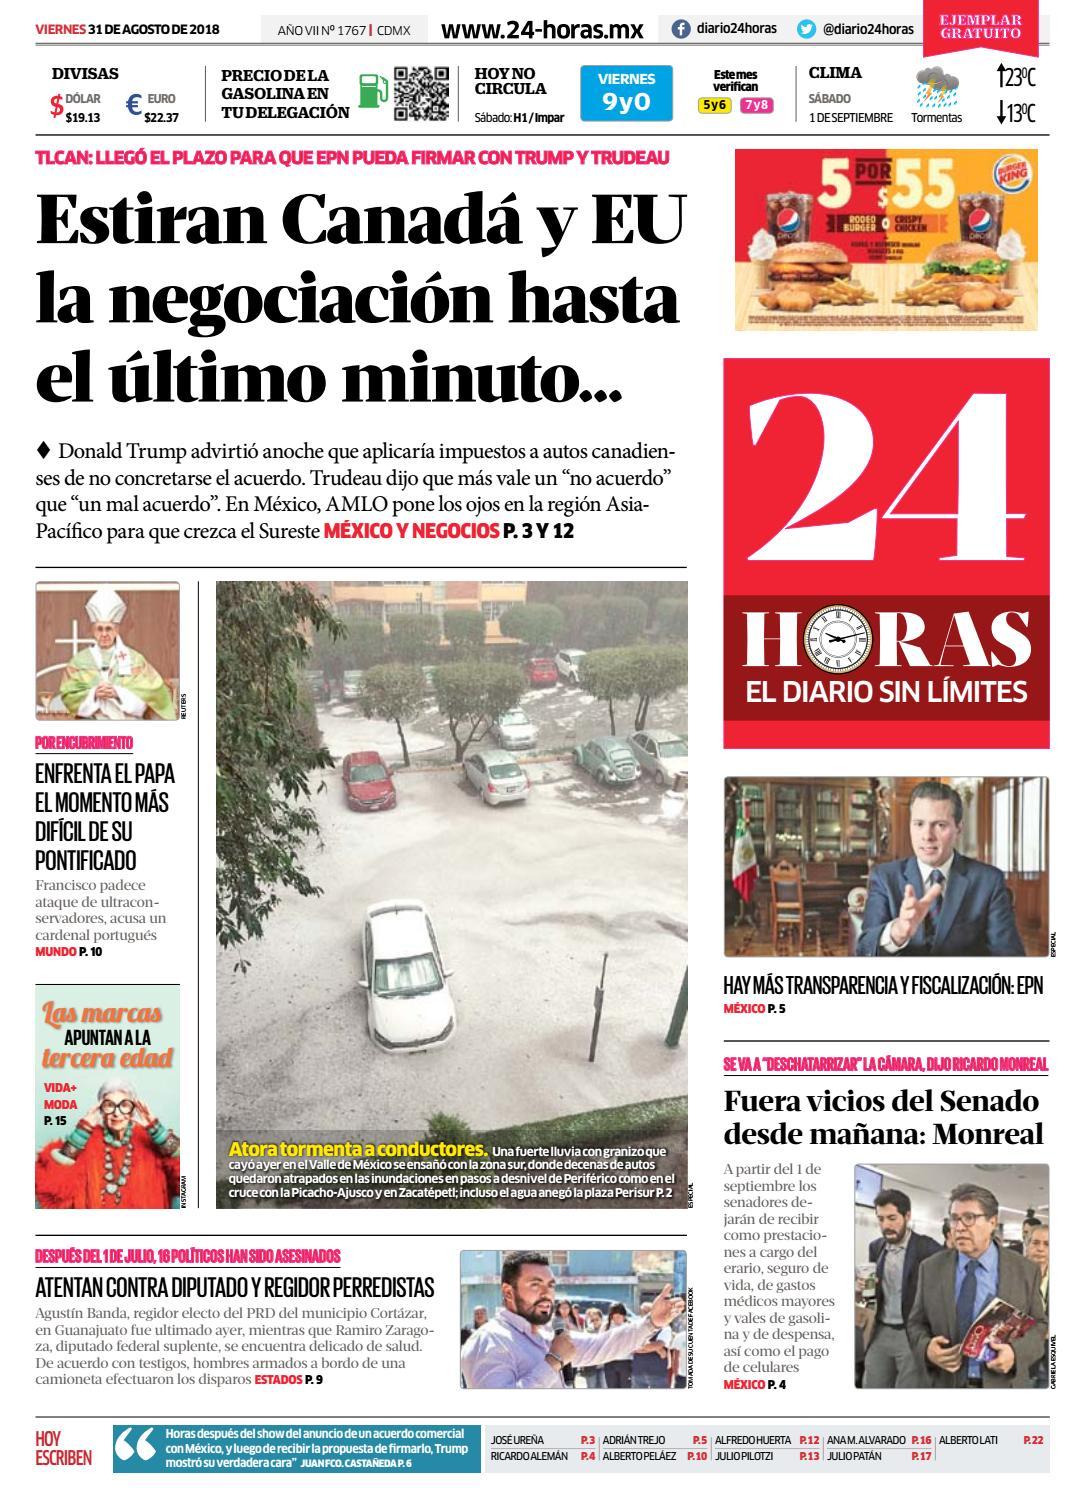 e876a4ff9 31 | Agosto | 2018 by Información Integral 24/7 SAPI de C.V. - issuu